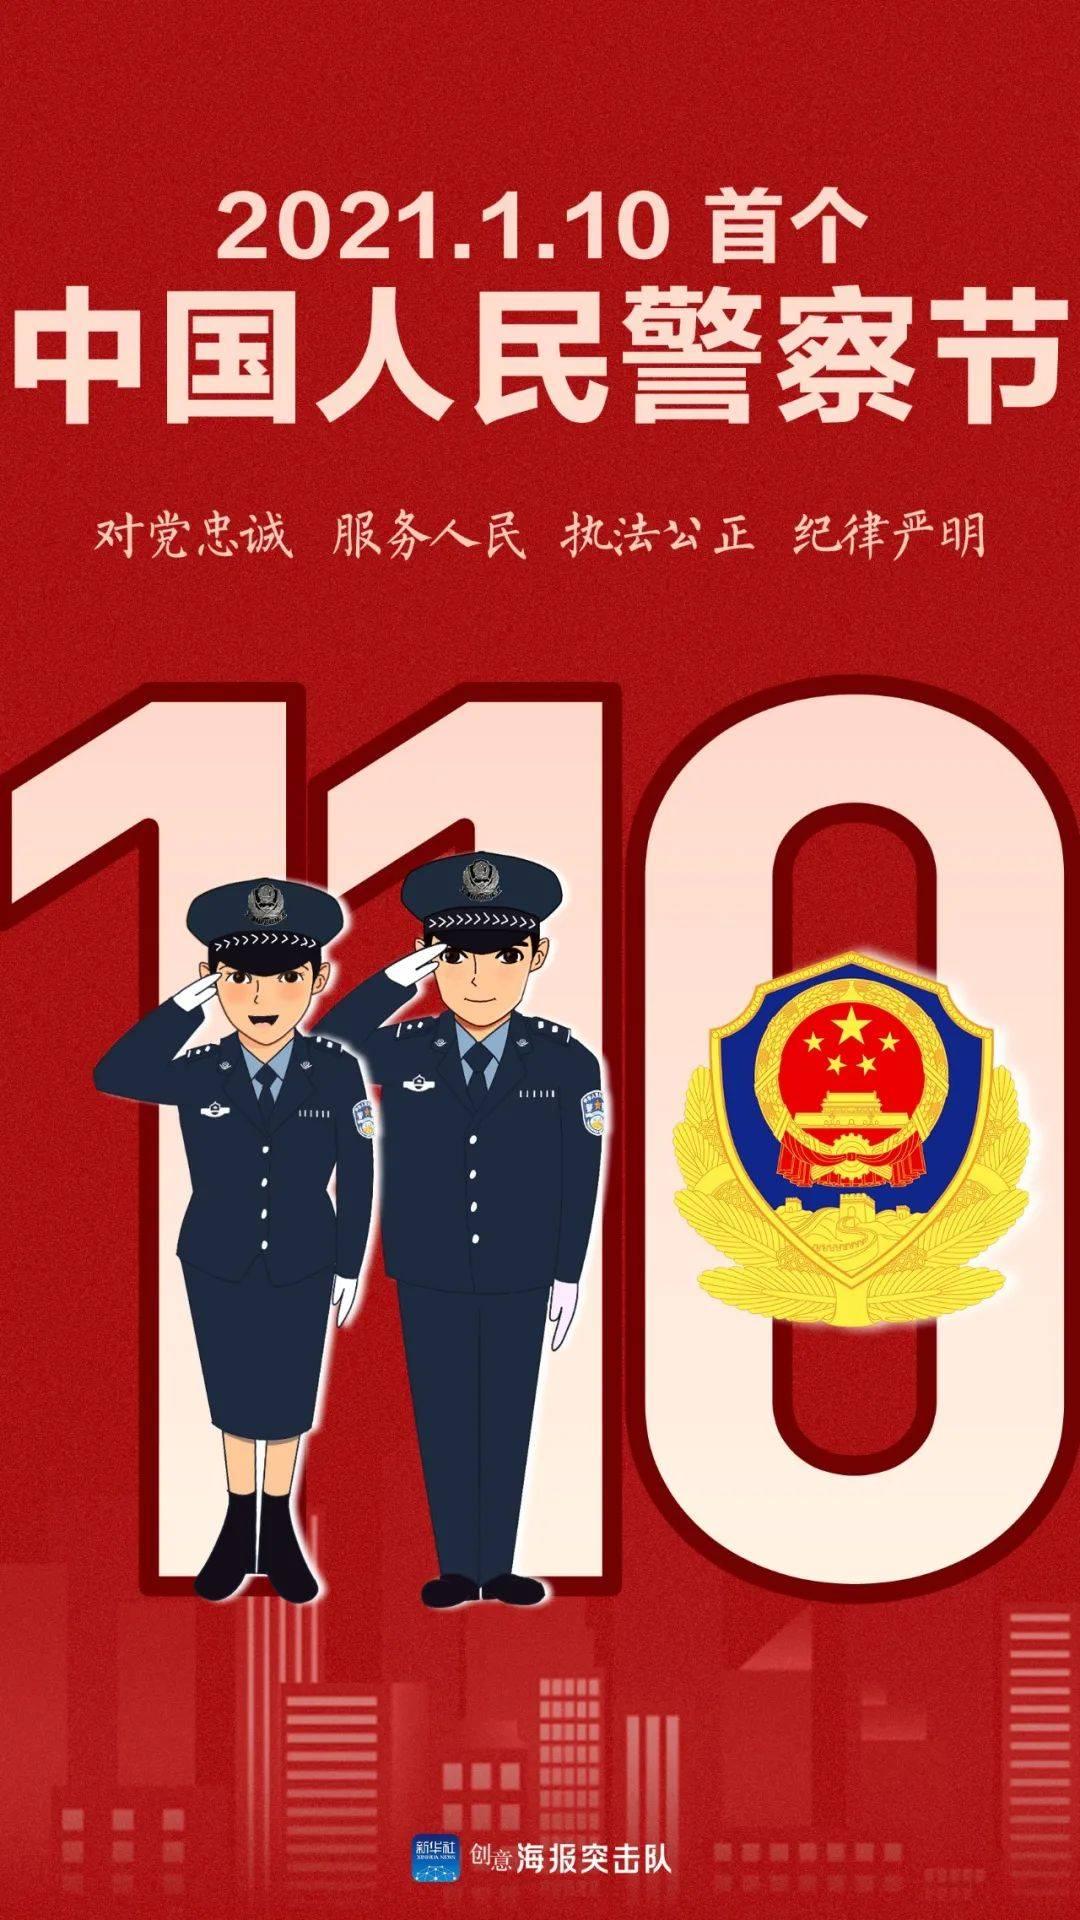 今天,110!